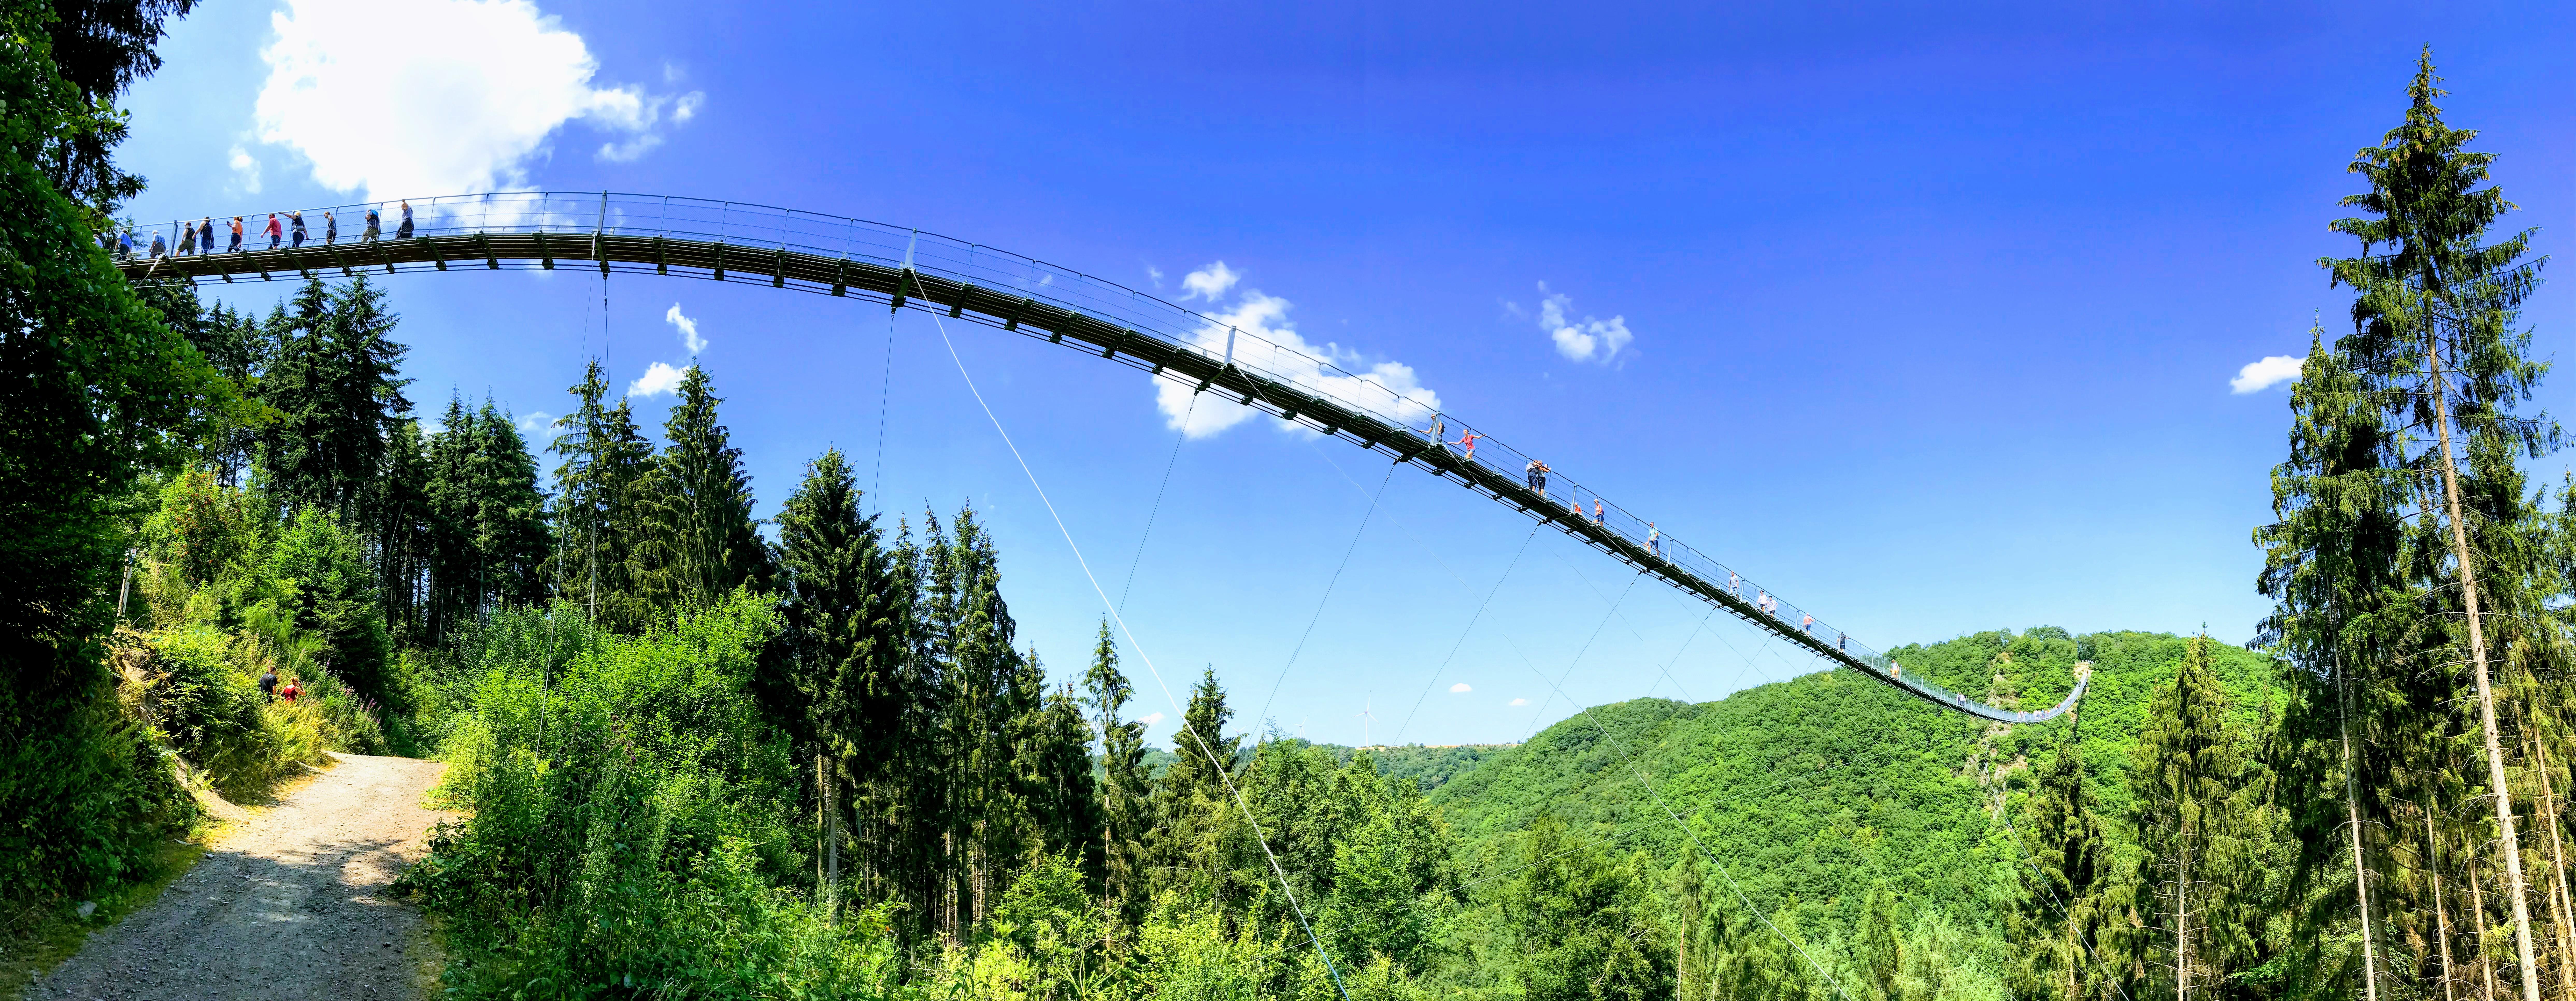 Panoramafoto van de langste hangbrug van Duitsland